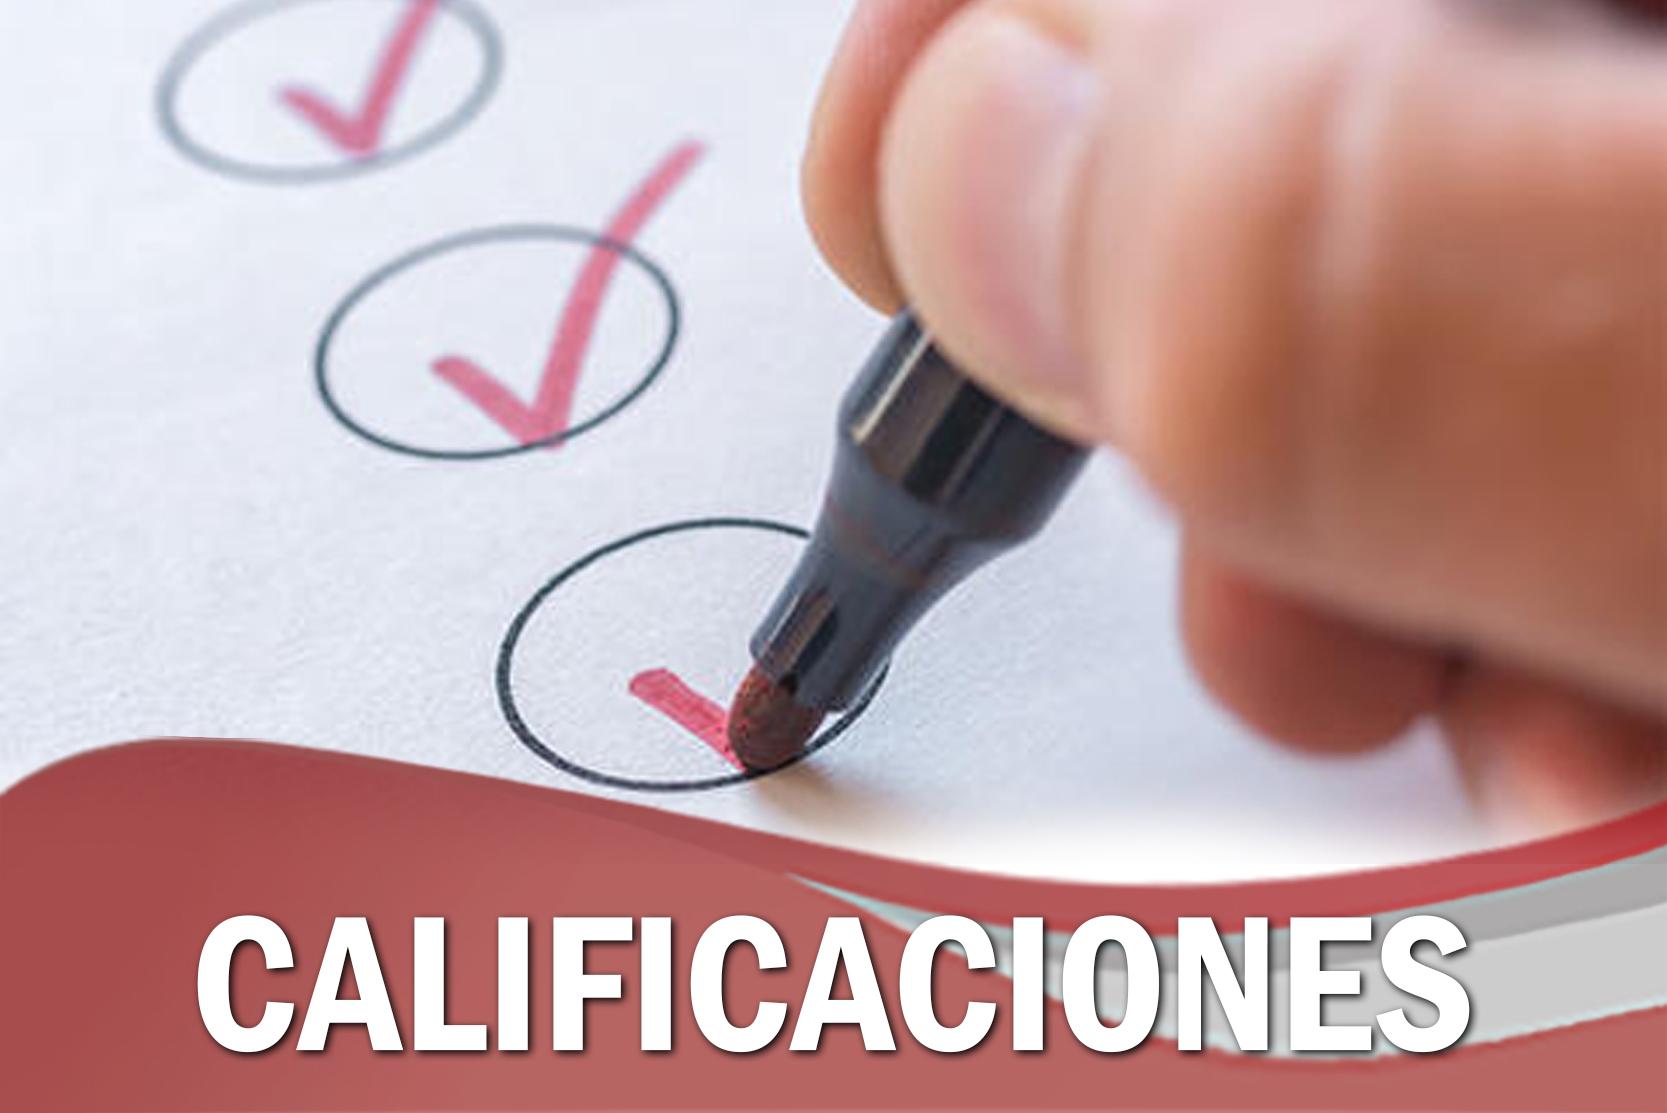 CALIFICACIONES CURSO SALIDAS Y SANCIONES ALTERNATIVAS, EN EL MARCO DE LA LEY 348